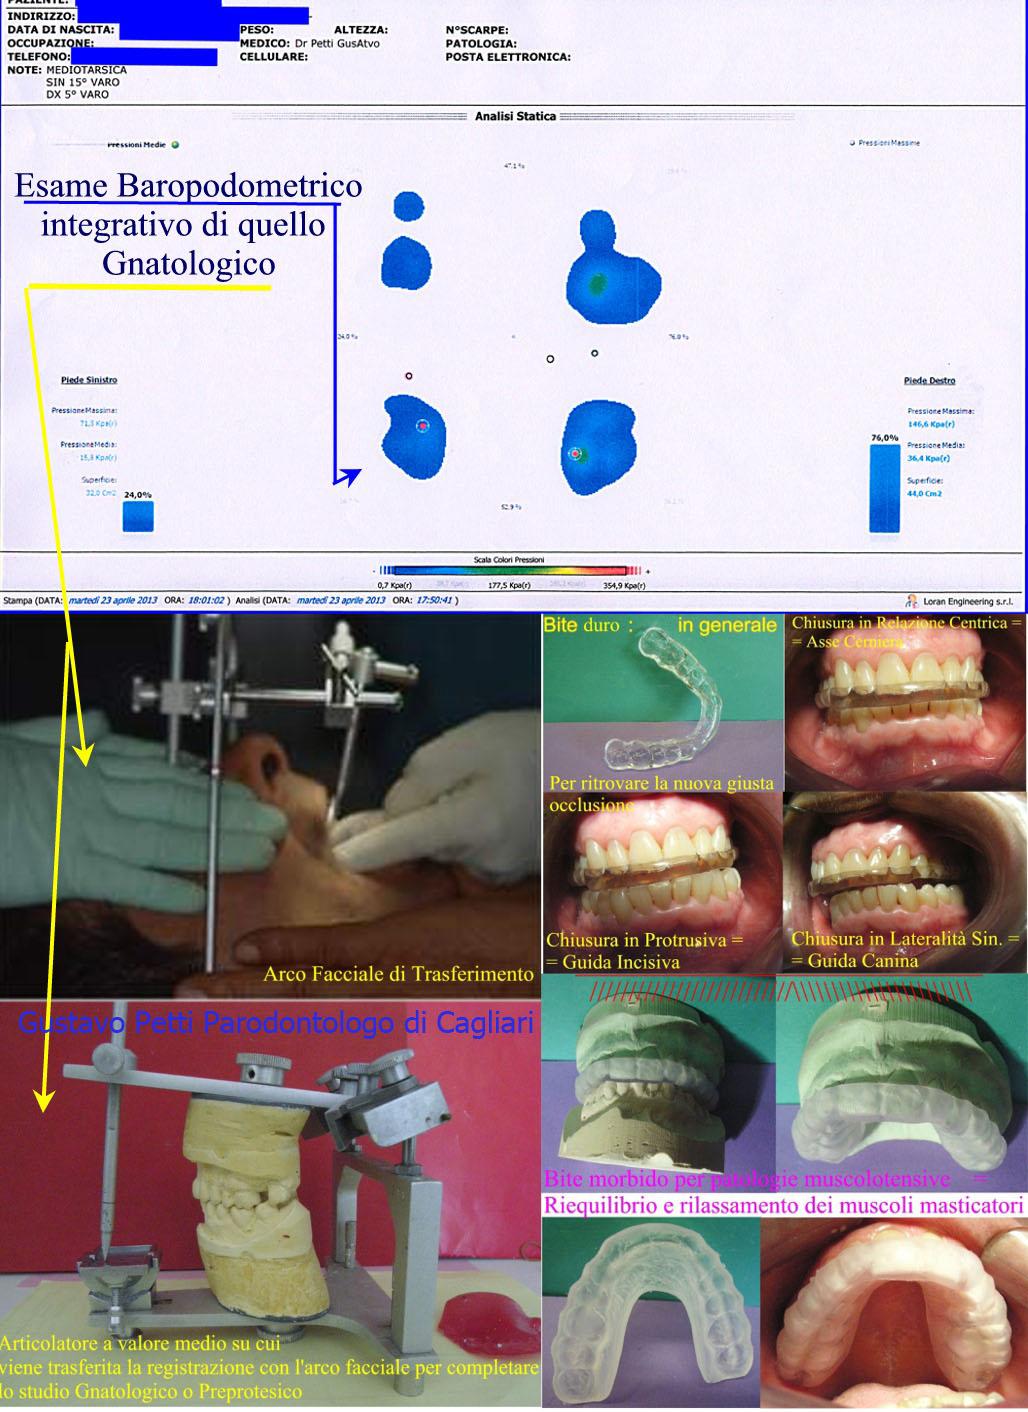 gnatologia-g.petti-cagliari-8.jpg